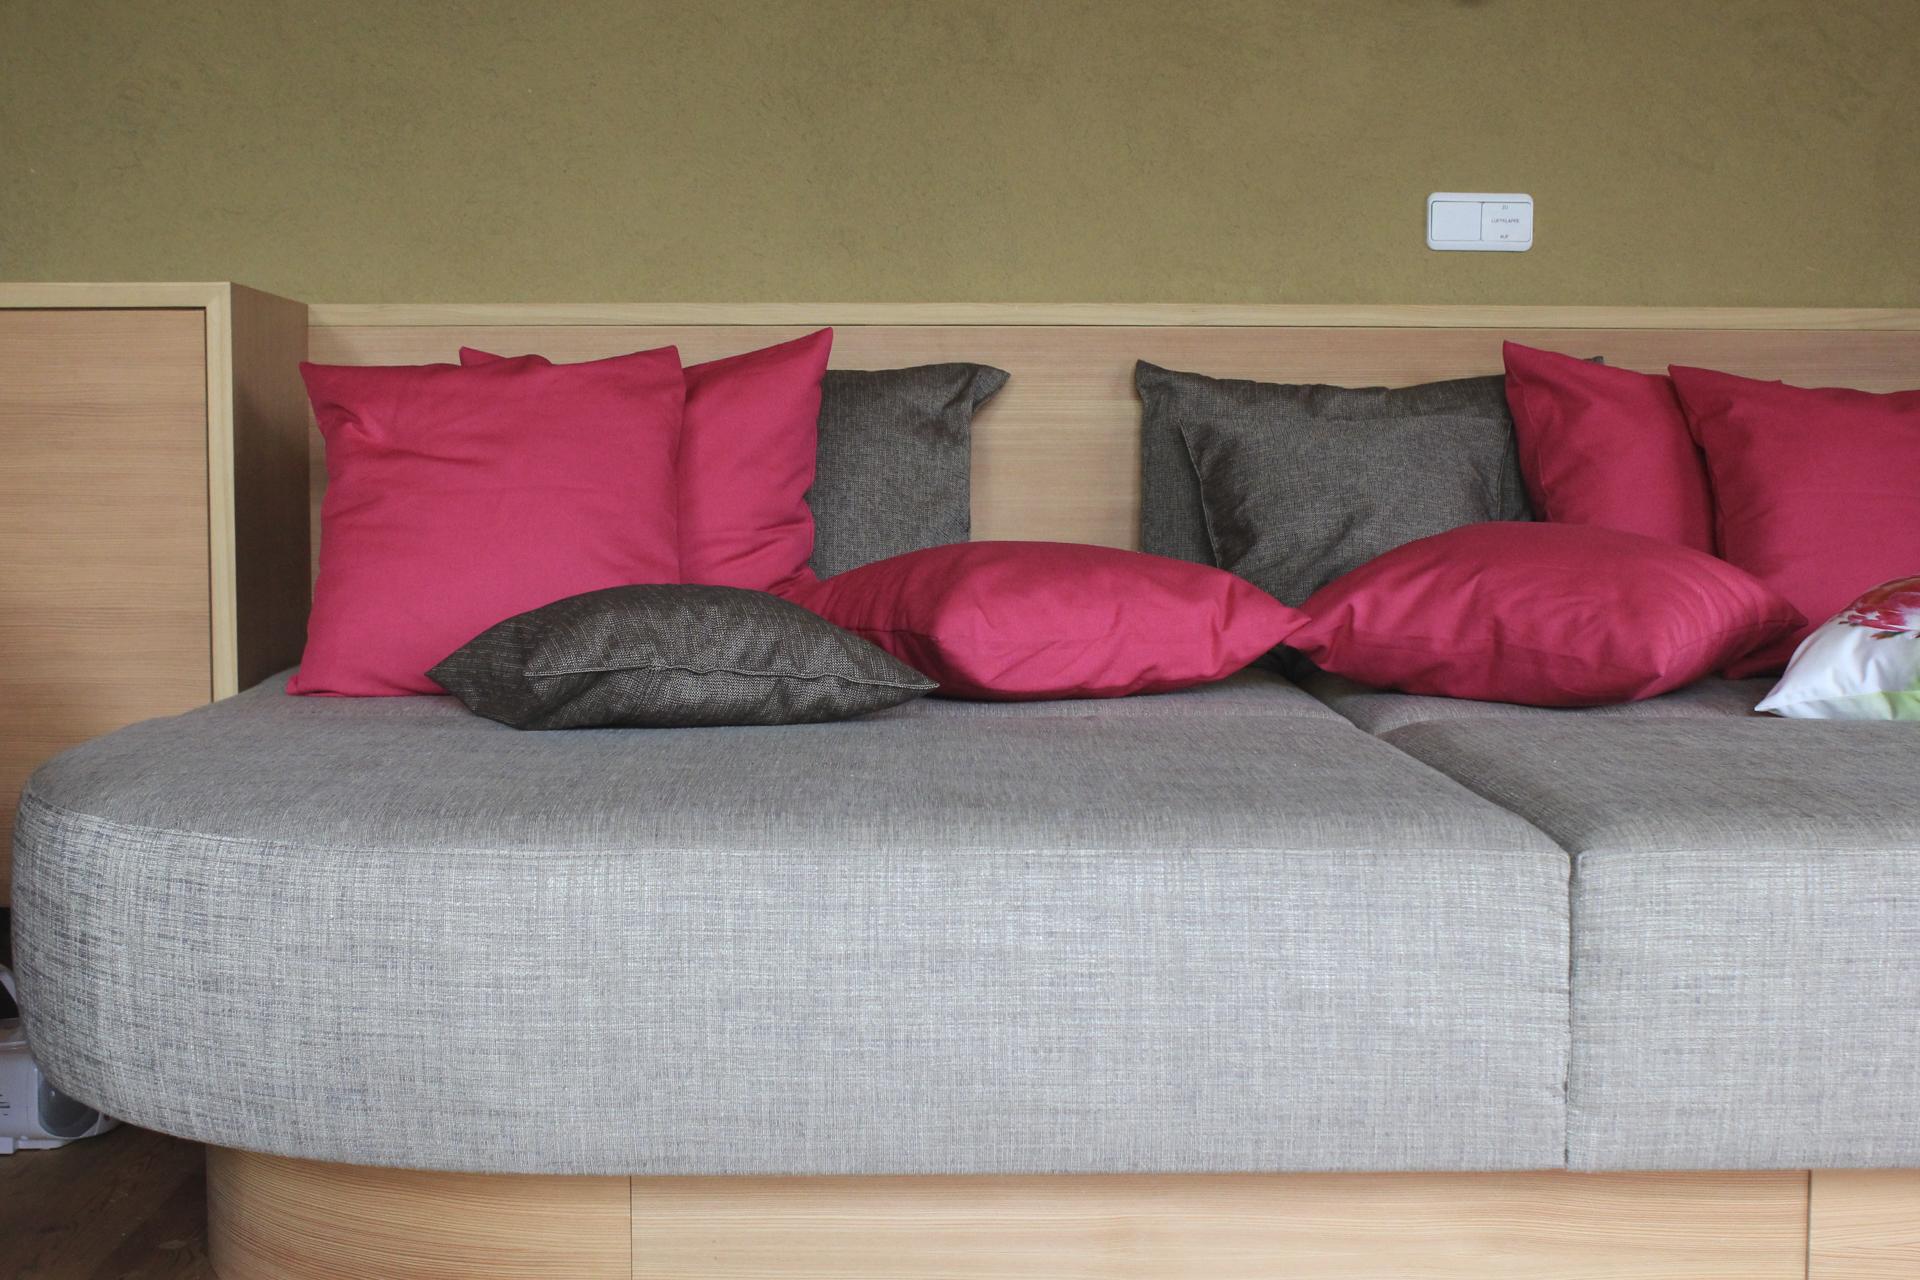 tischlerei-decker-wohnhaus-hofpgarten-interior-liegeflaeche